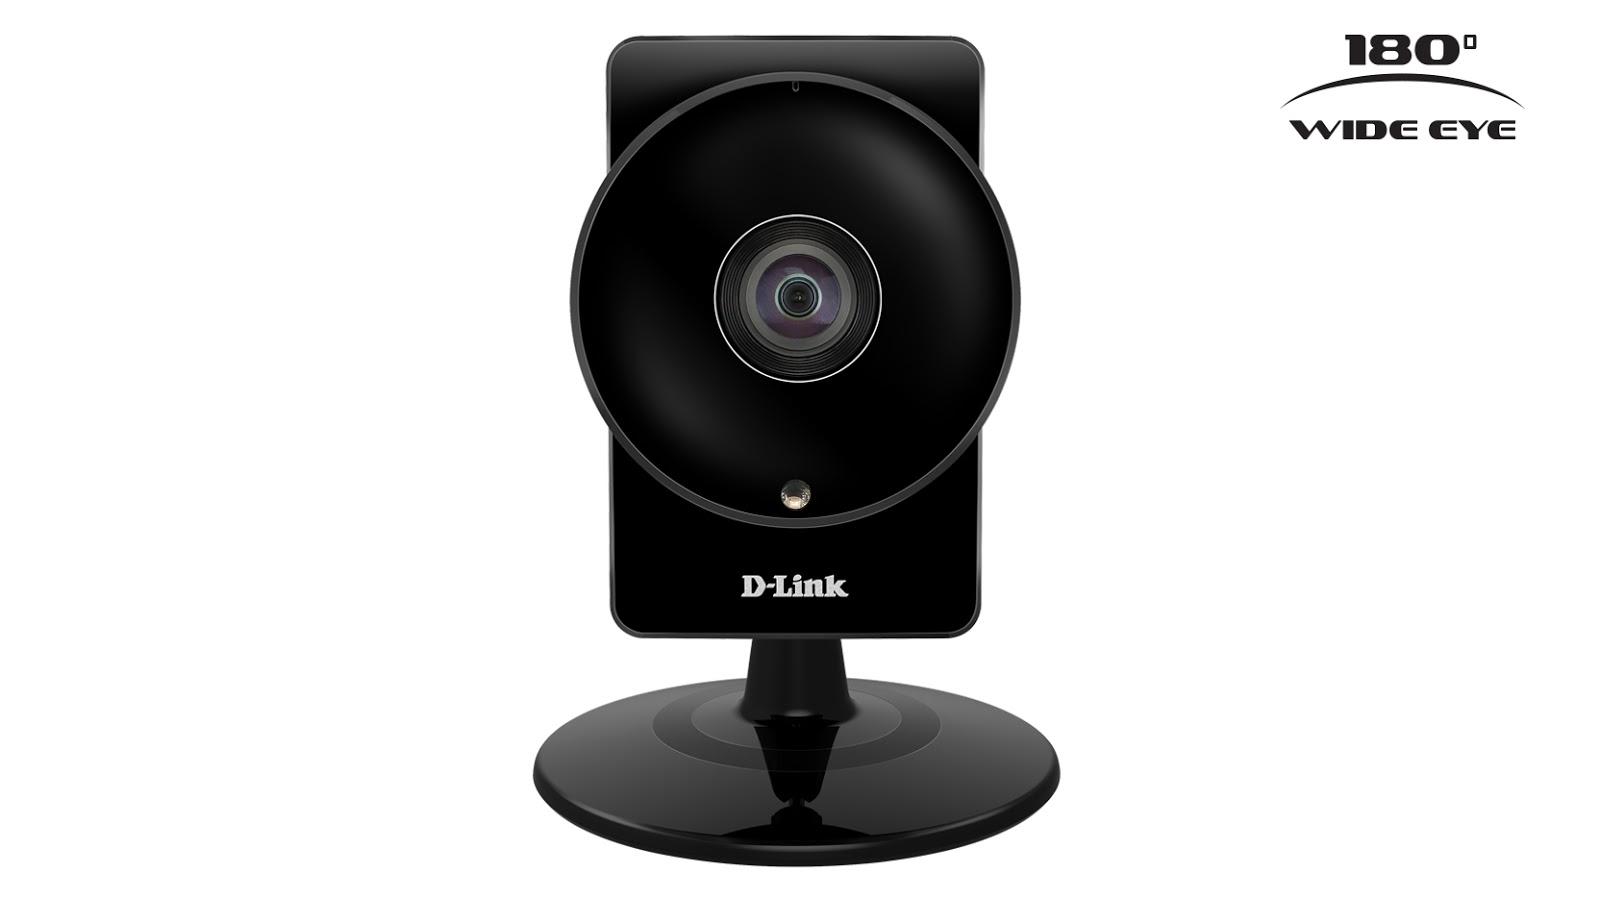 D-Link DCS-960L Wi-Fi camera